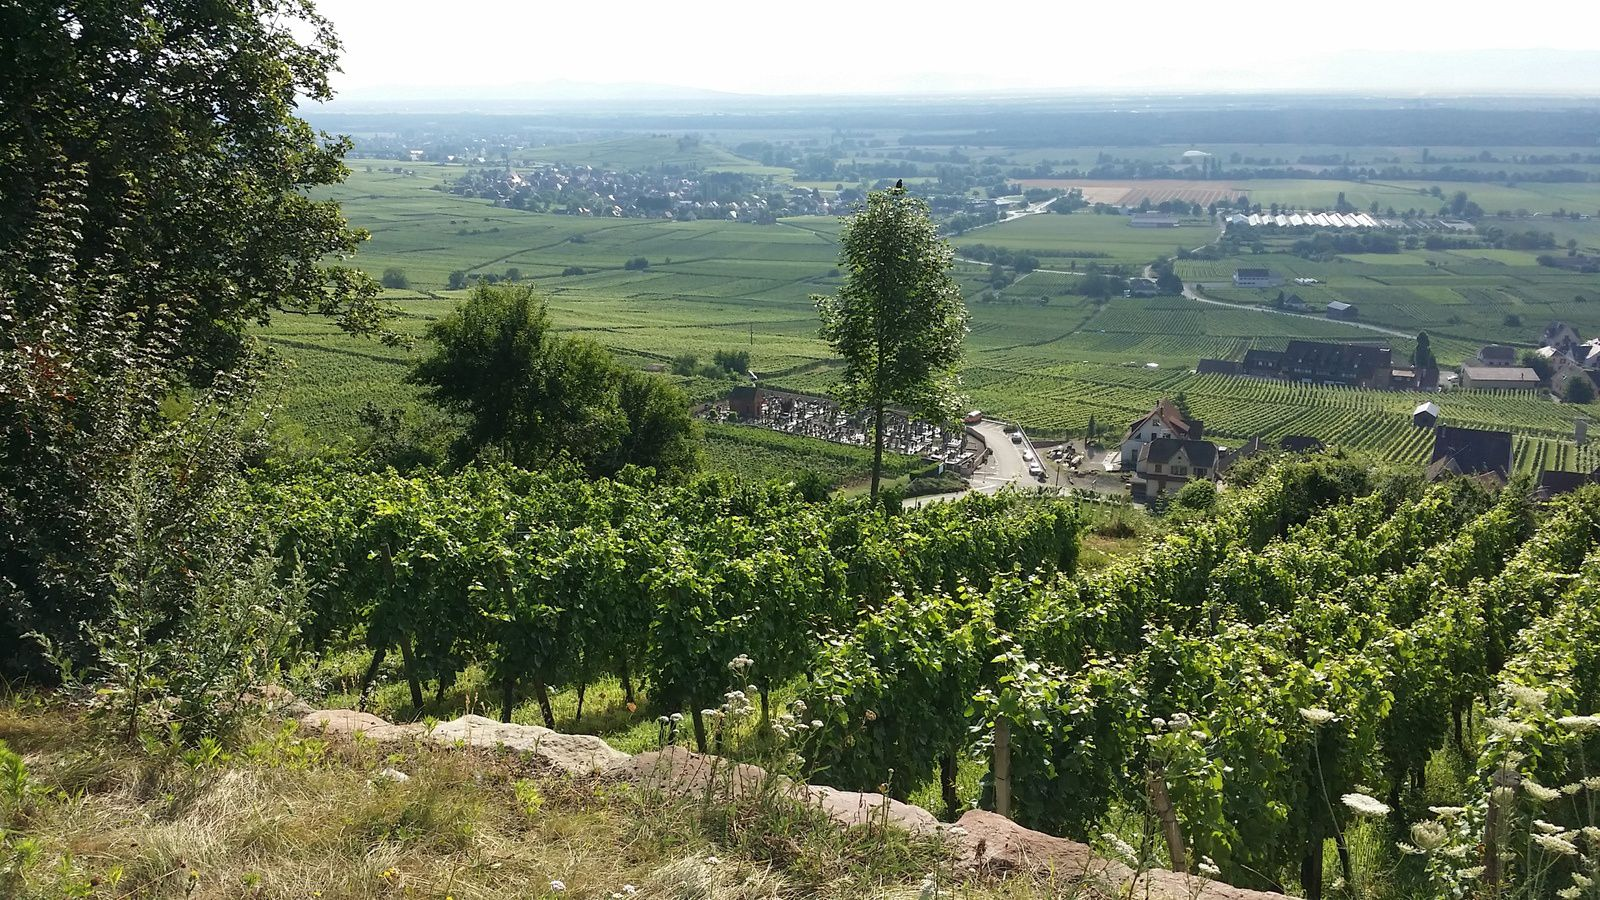 Gueberschwihr lors du retour vers la plaine d'Alsace